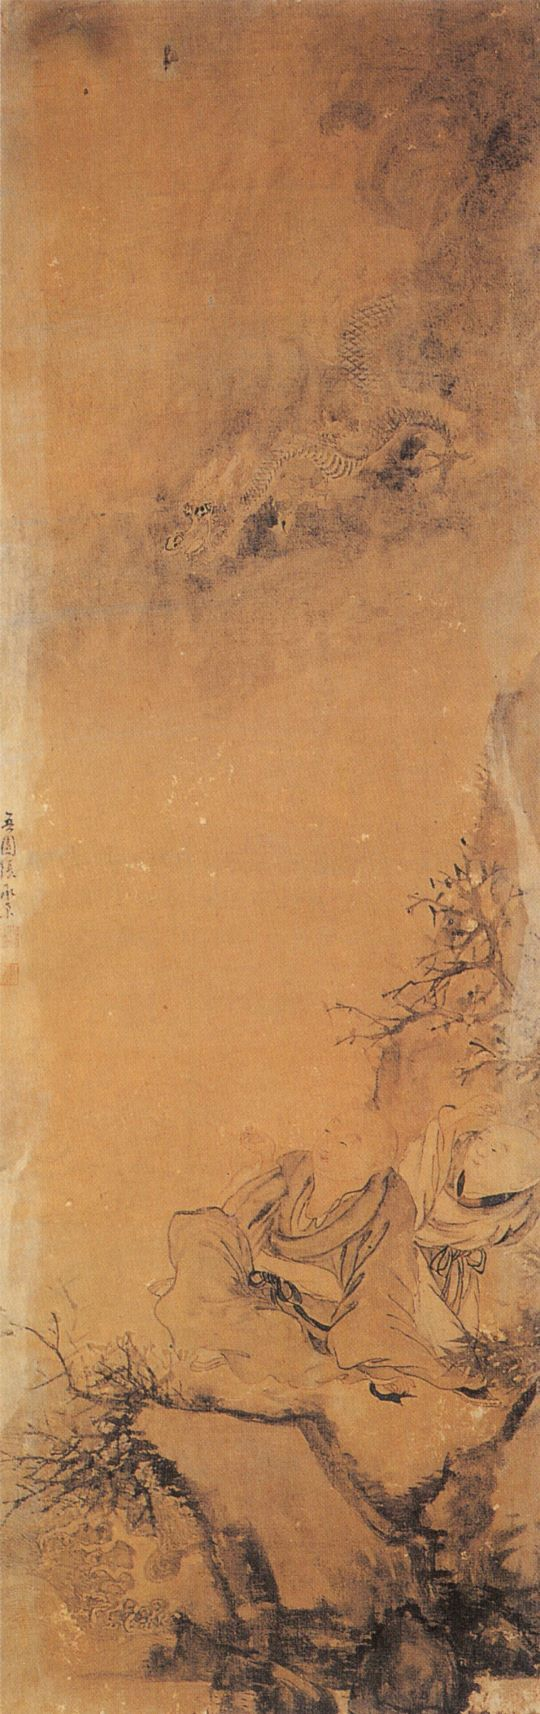 오원 장승업 (1843-1897), 용을 희롱하는 두동자승, 1890년 작, 비단에 채색.